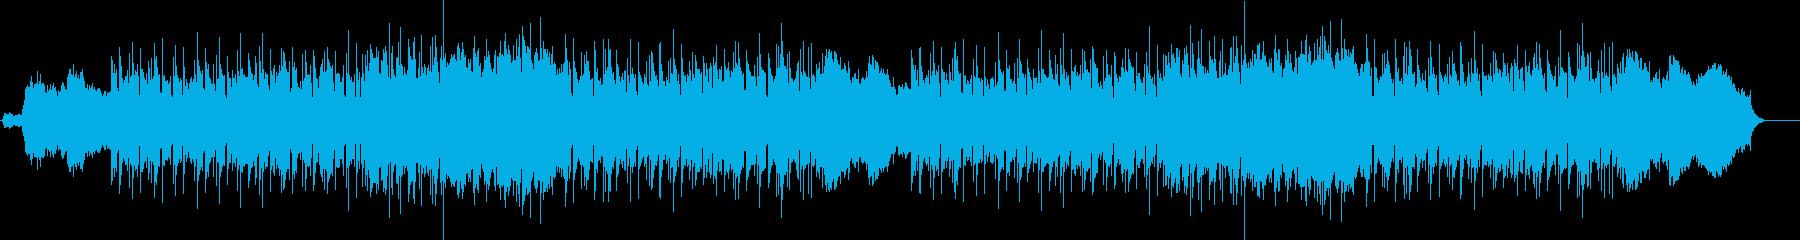 場面転換を行うクライマックステーマの再生済みの波形